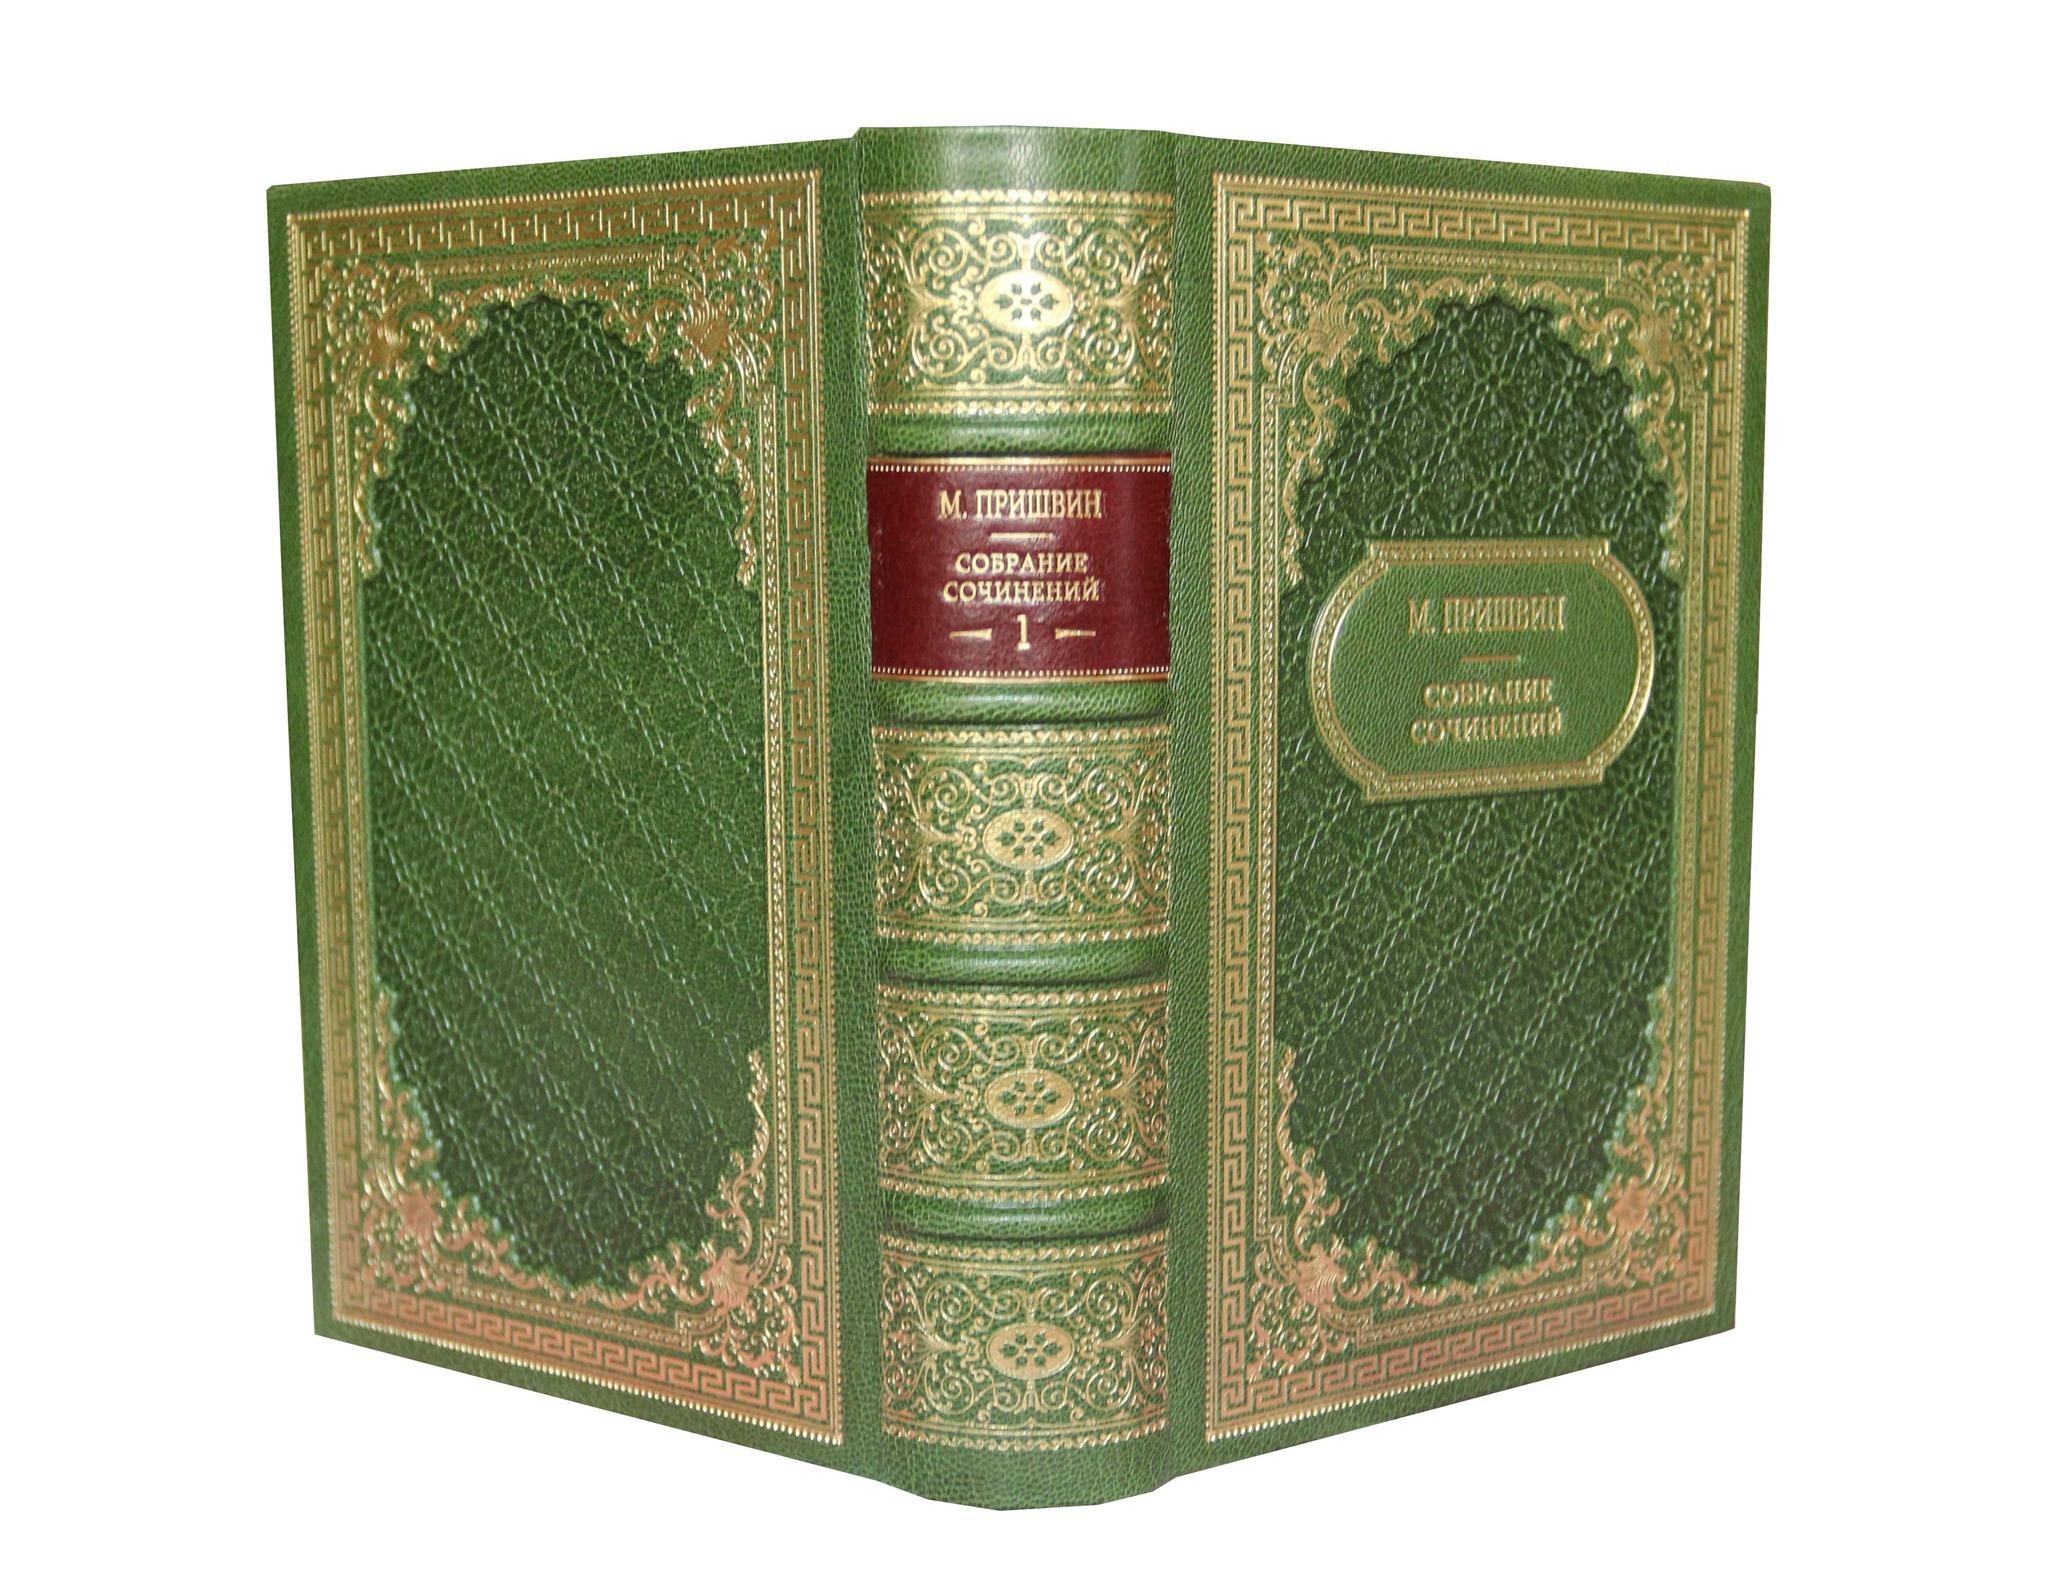 Пришвин М. Собрание сочинений в 8 томах